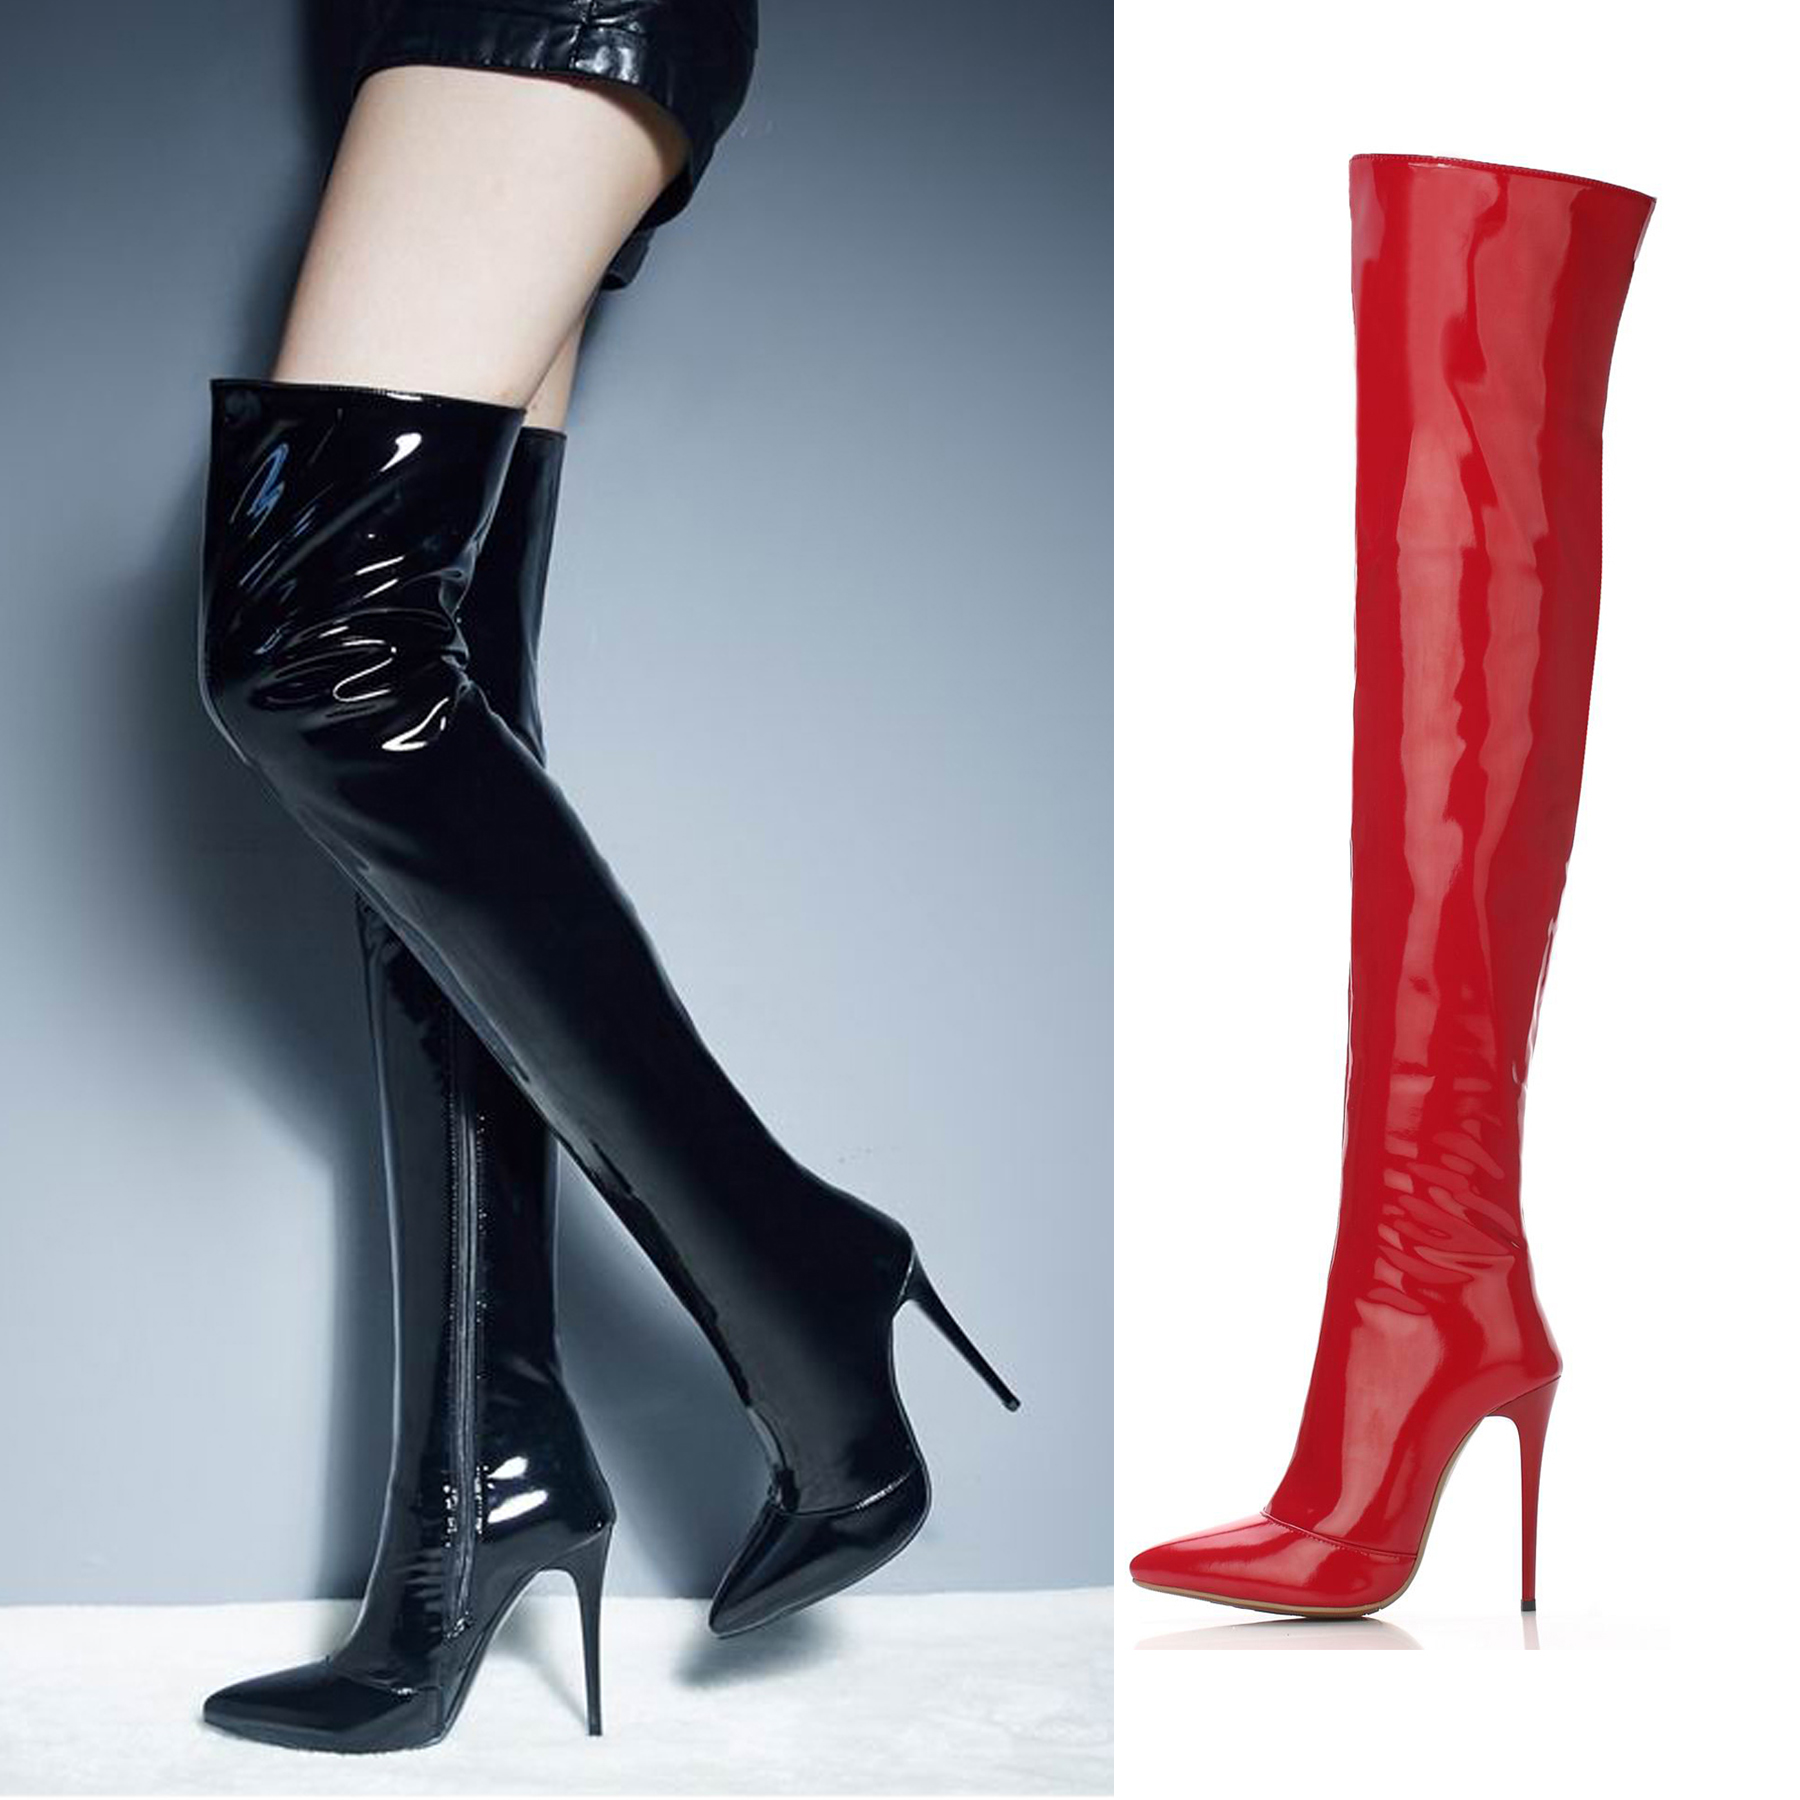 Bout pointu souple brevet PU 12 CM Ultra stiletto talon haut sur le genou bottes à longues bretelles rouge Sexy femmes parti scène bottes